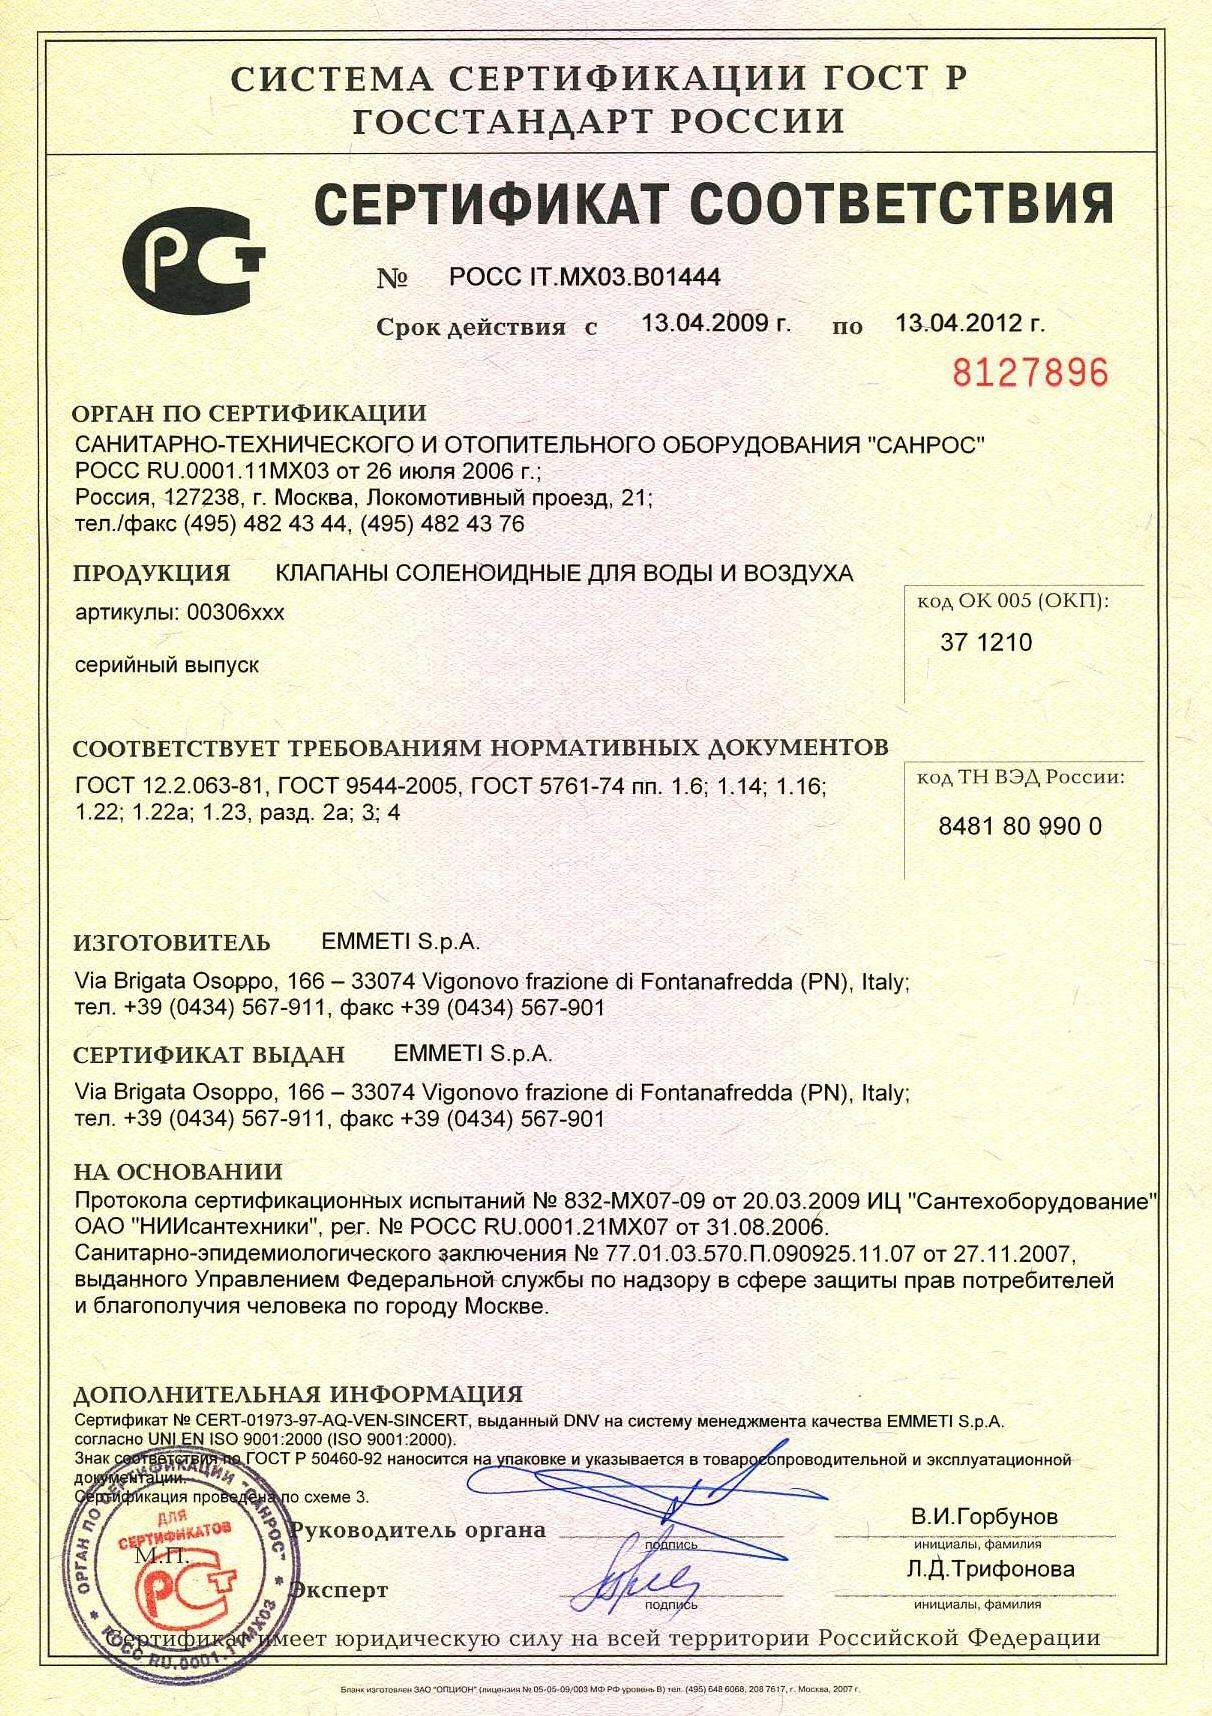 Альфа лаваль сертификат соответствия жалюзи Пластинчатый теплообменник Alfa Laval AQ6-FG Пушкино